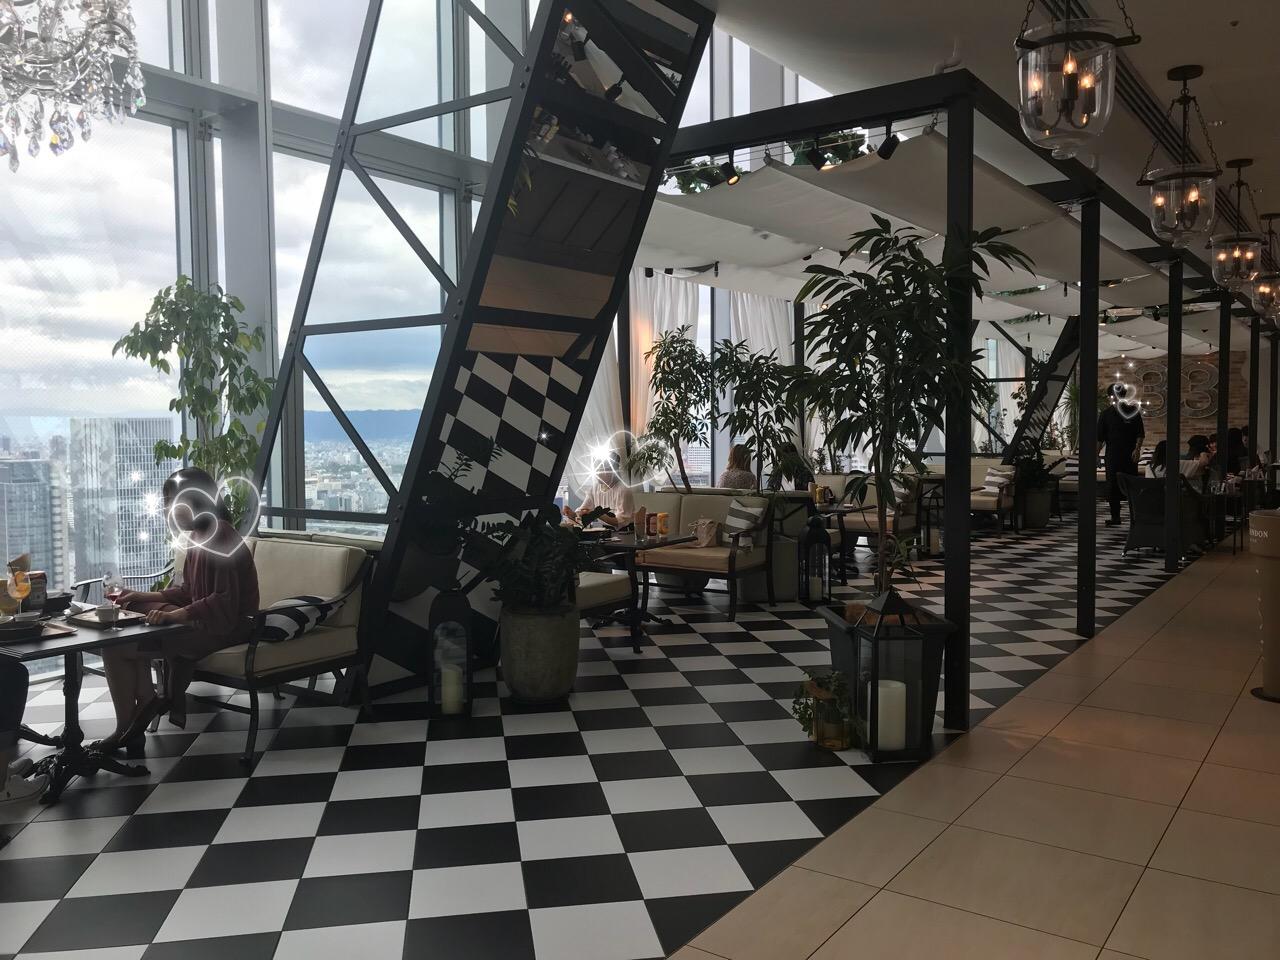 梅田など大阪のおすすめランチ特集《2019年版》- 女子会やデートにおすすめのカフェやレストラン11選_18